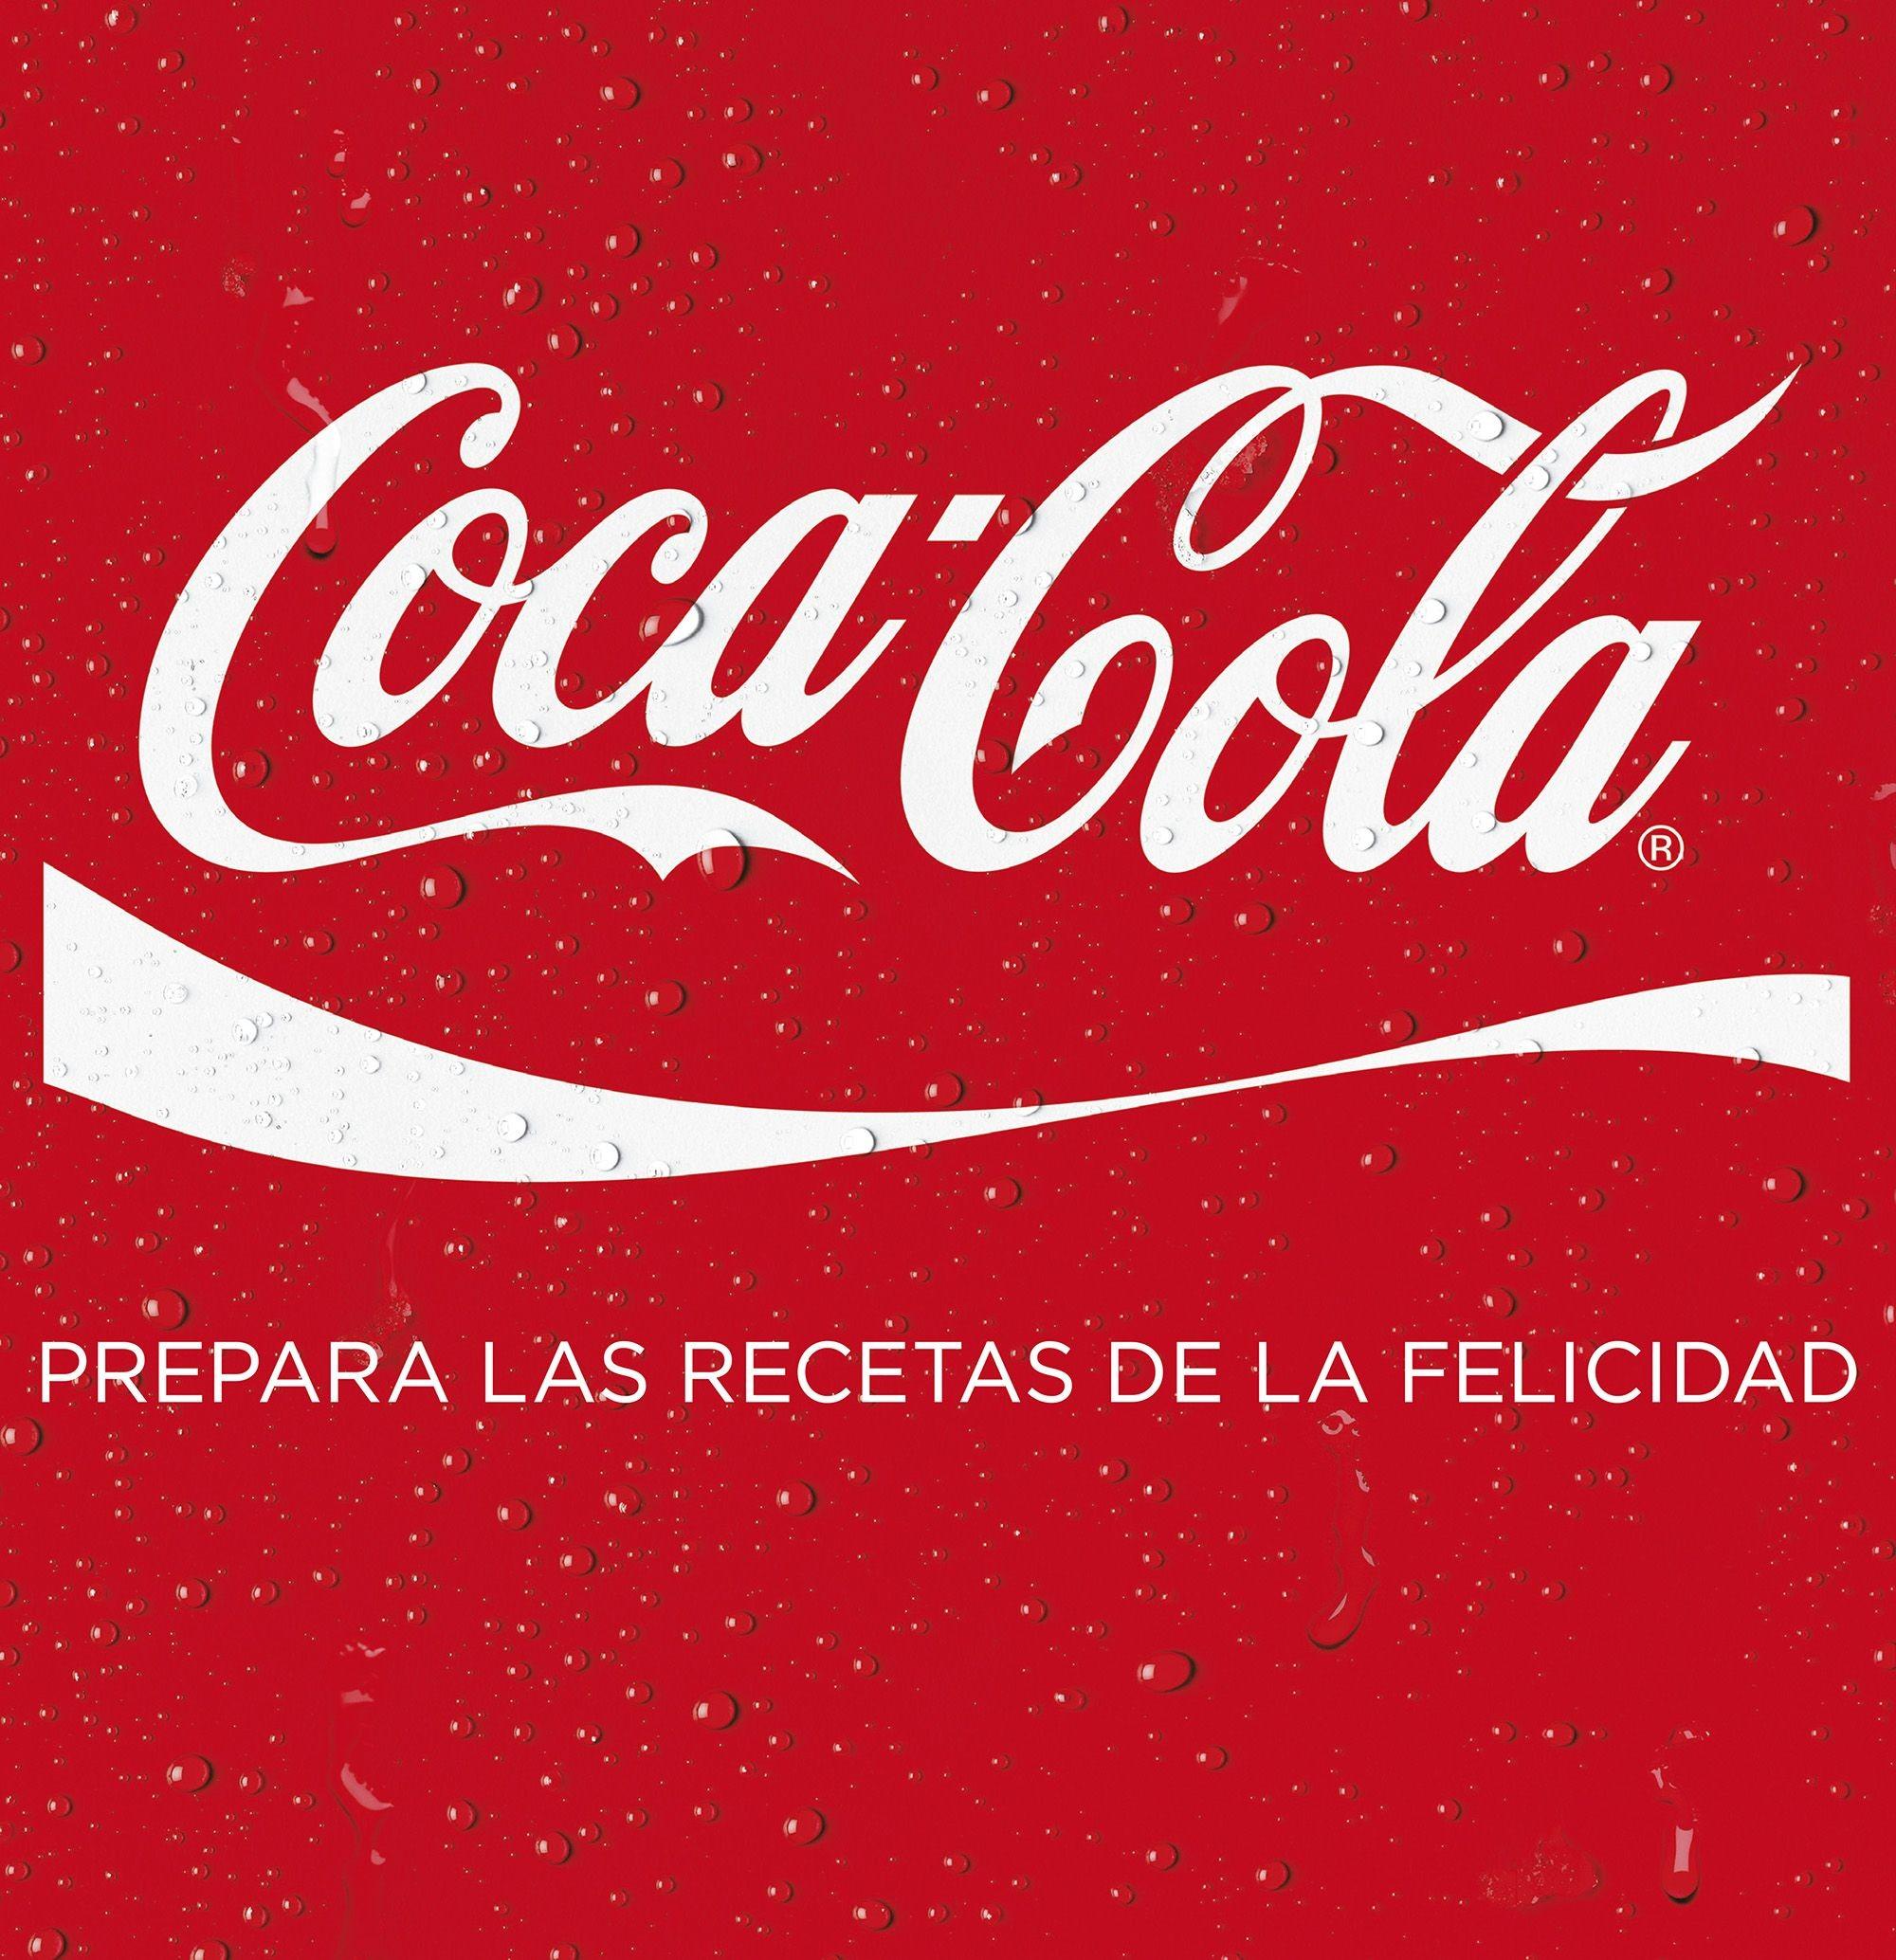 Coca-Cola, prepara las recetas de la felicidad